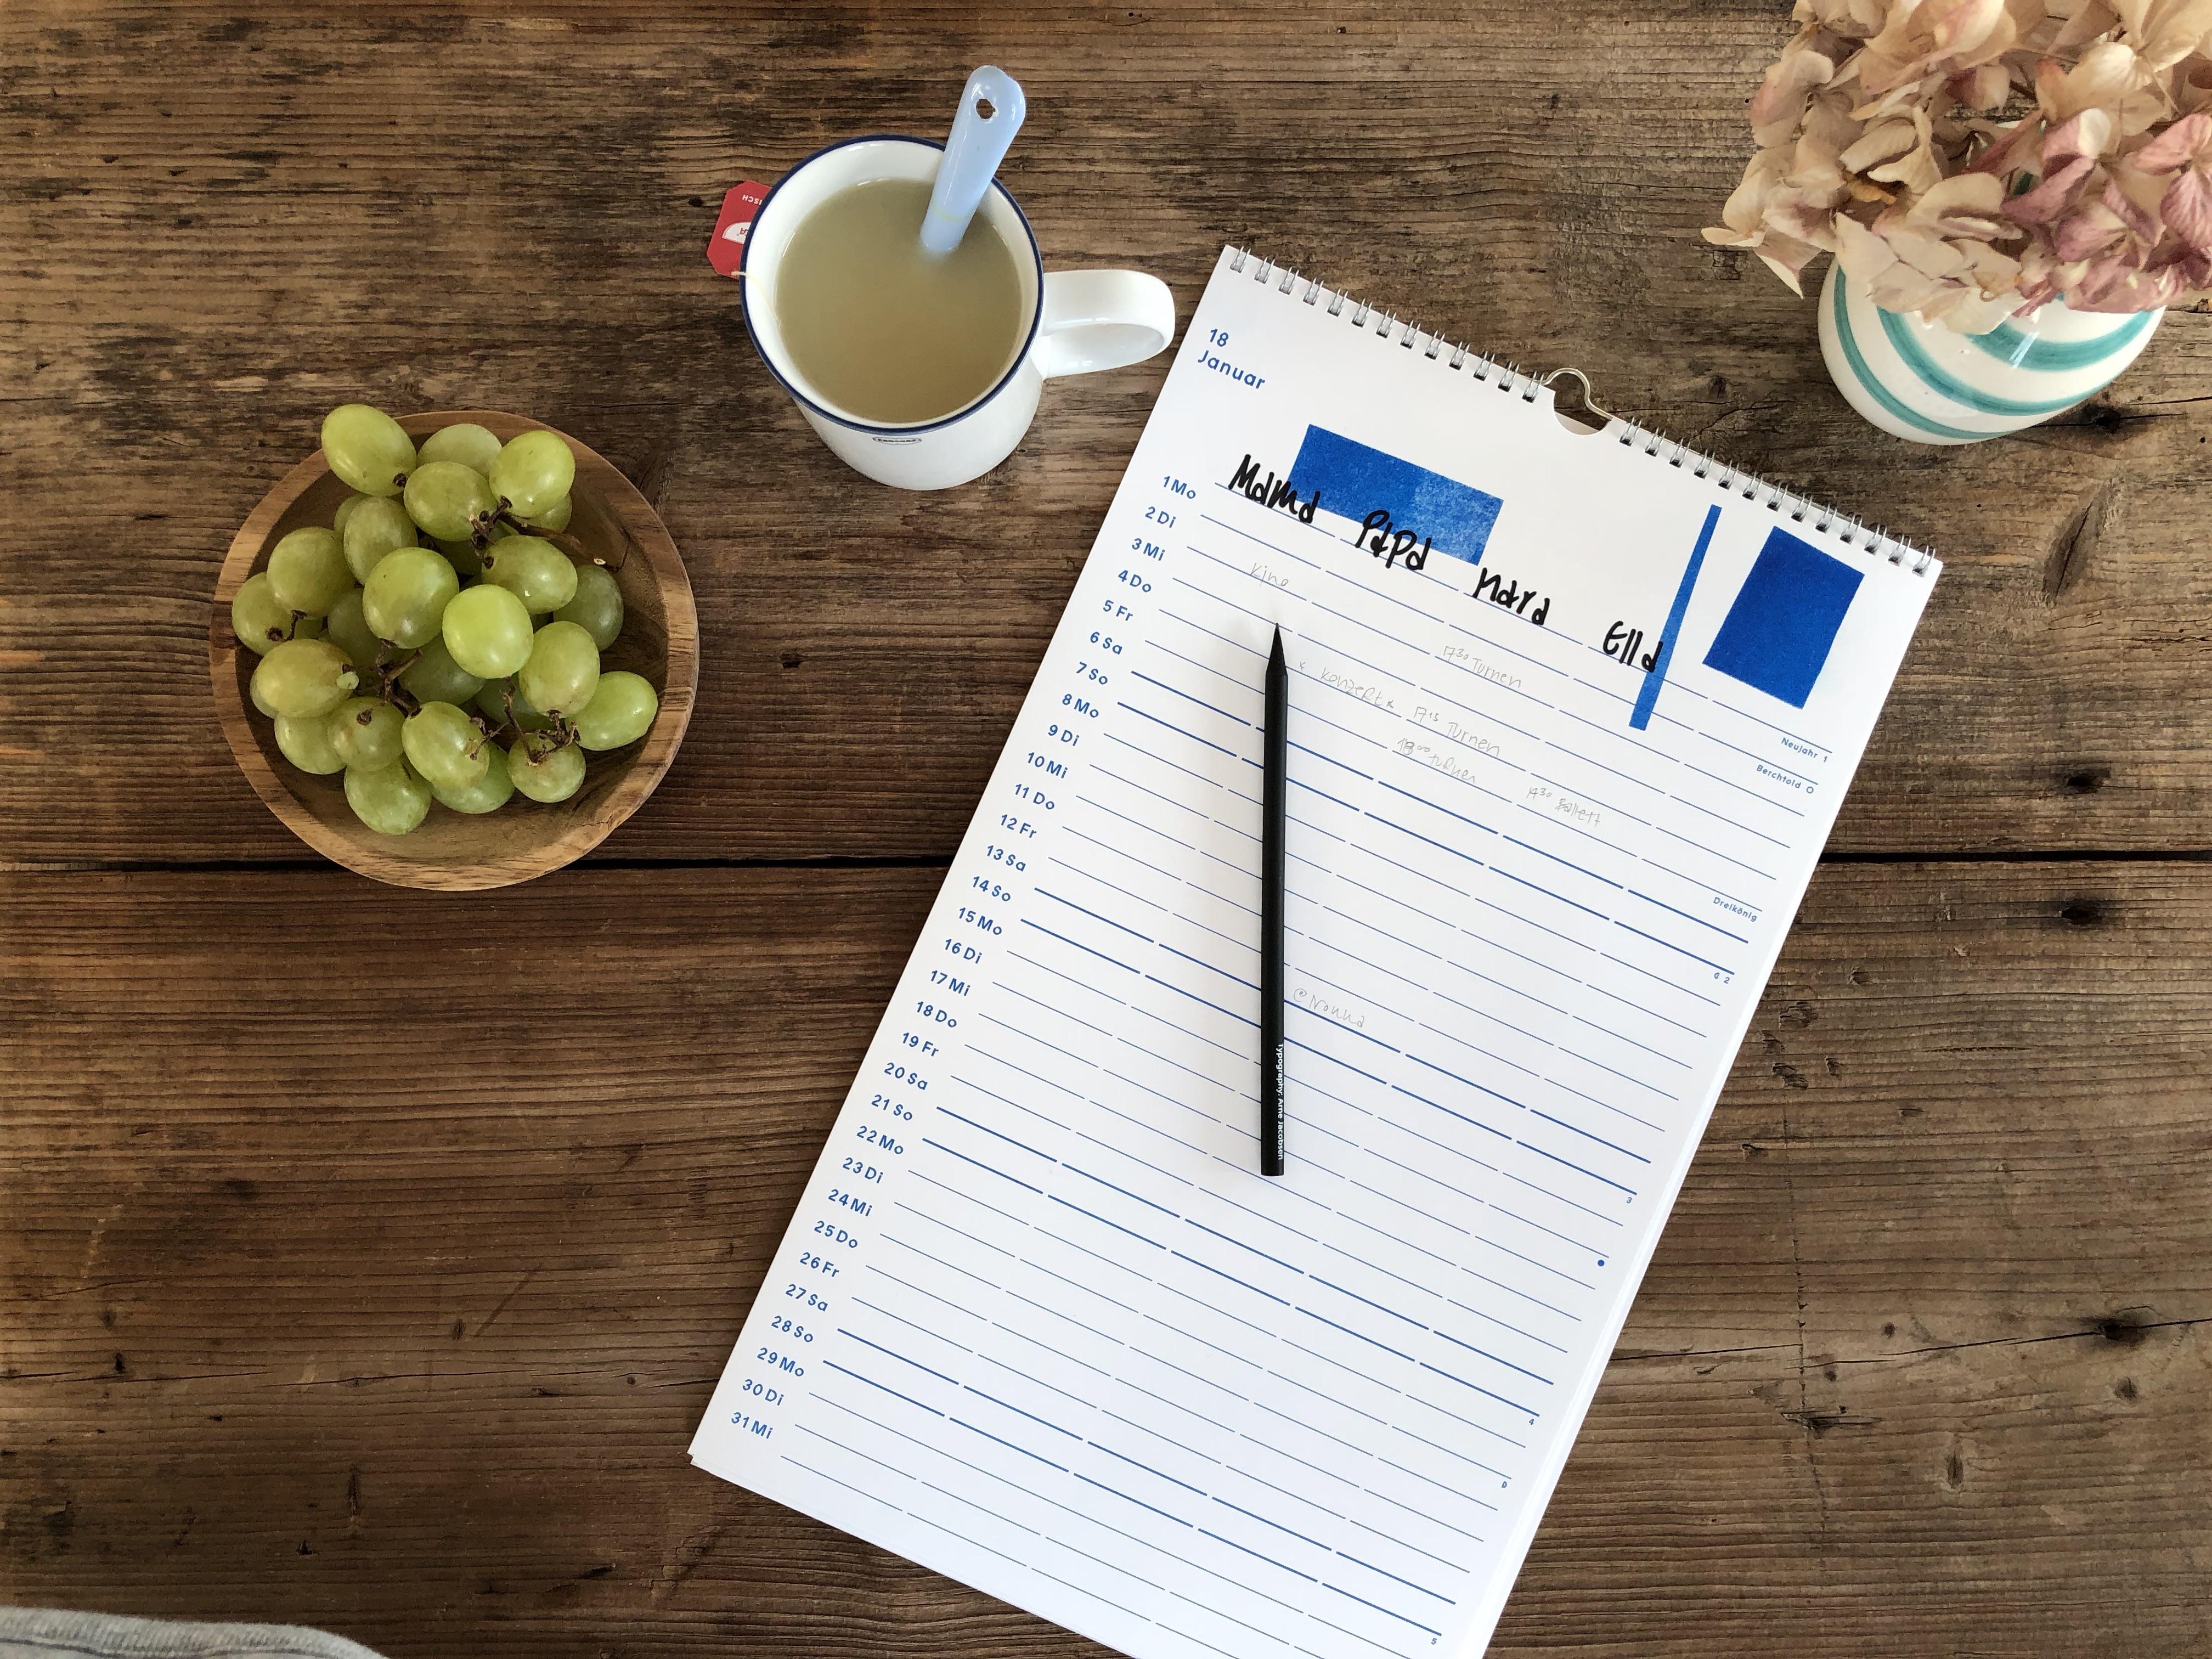 Familienplaner, Familienkalener, Jahresplaner, Agenda 2018